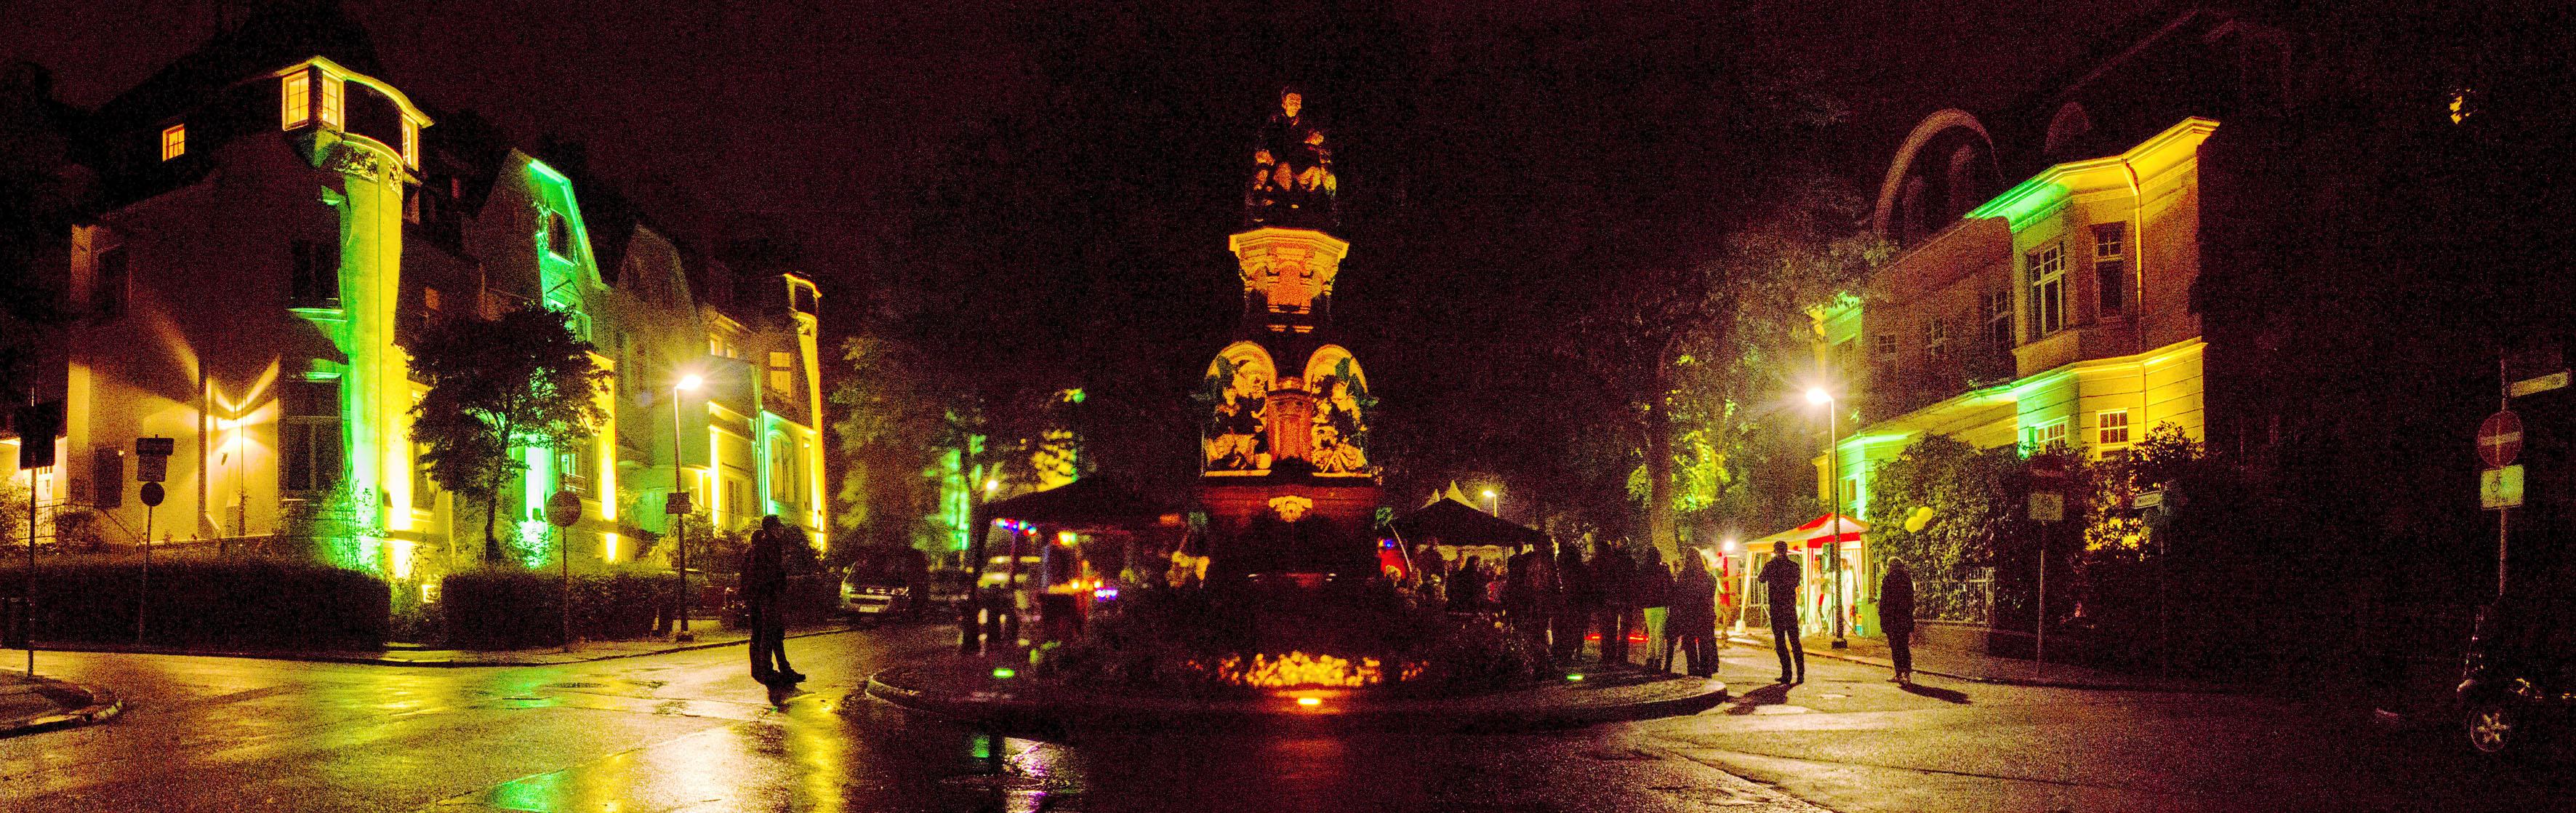 Panorama vom Märchenbrunnen und den Nachbarhäusern